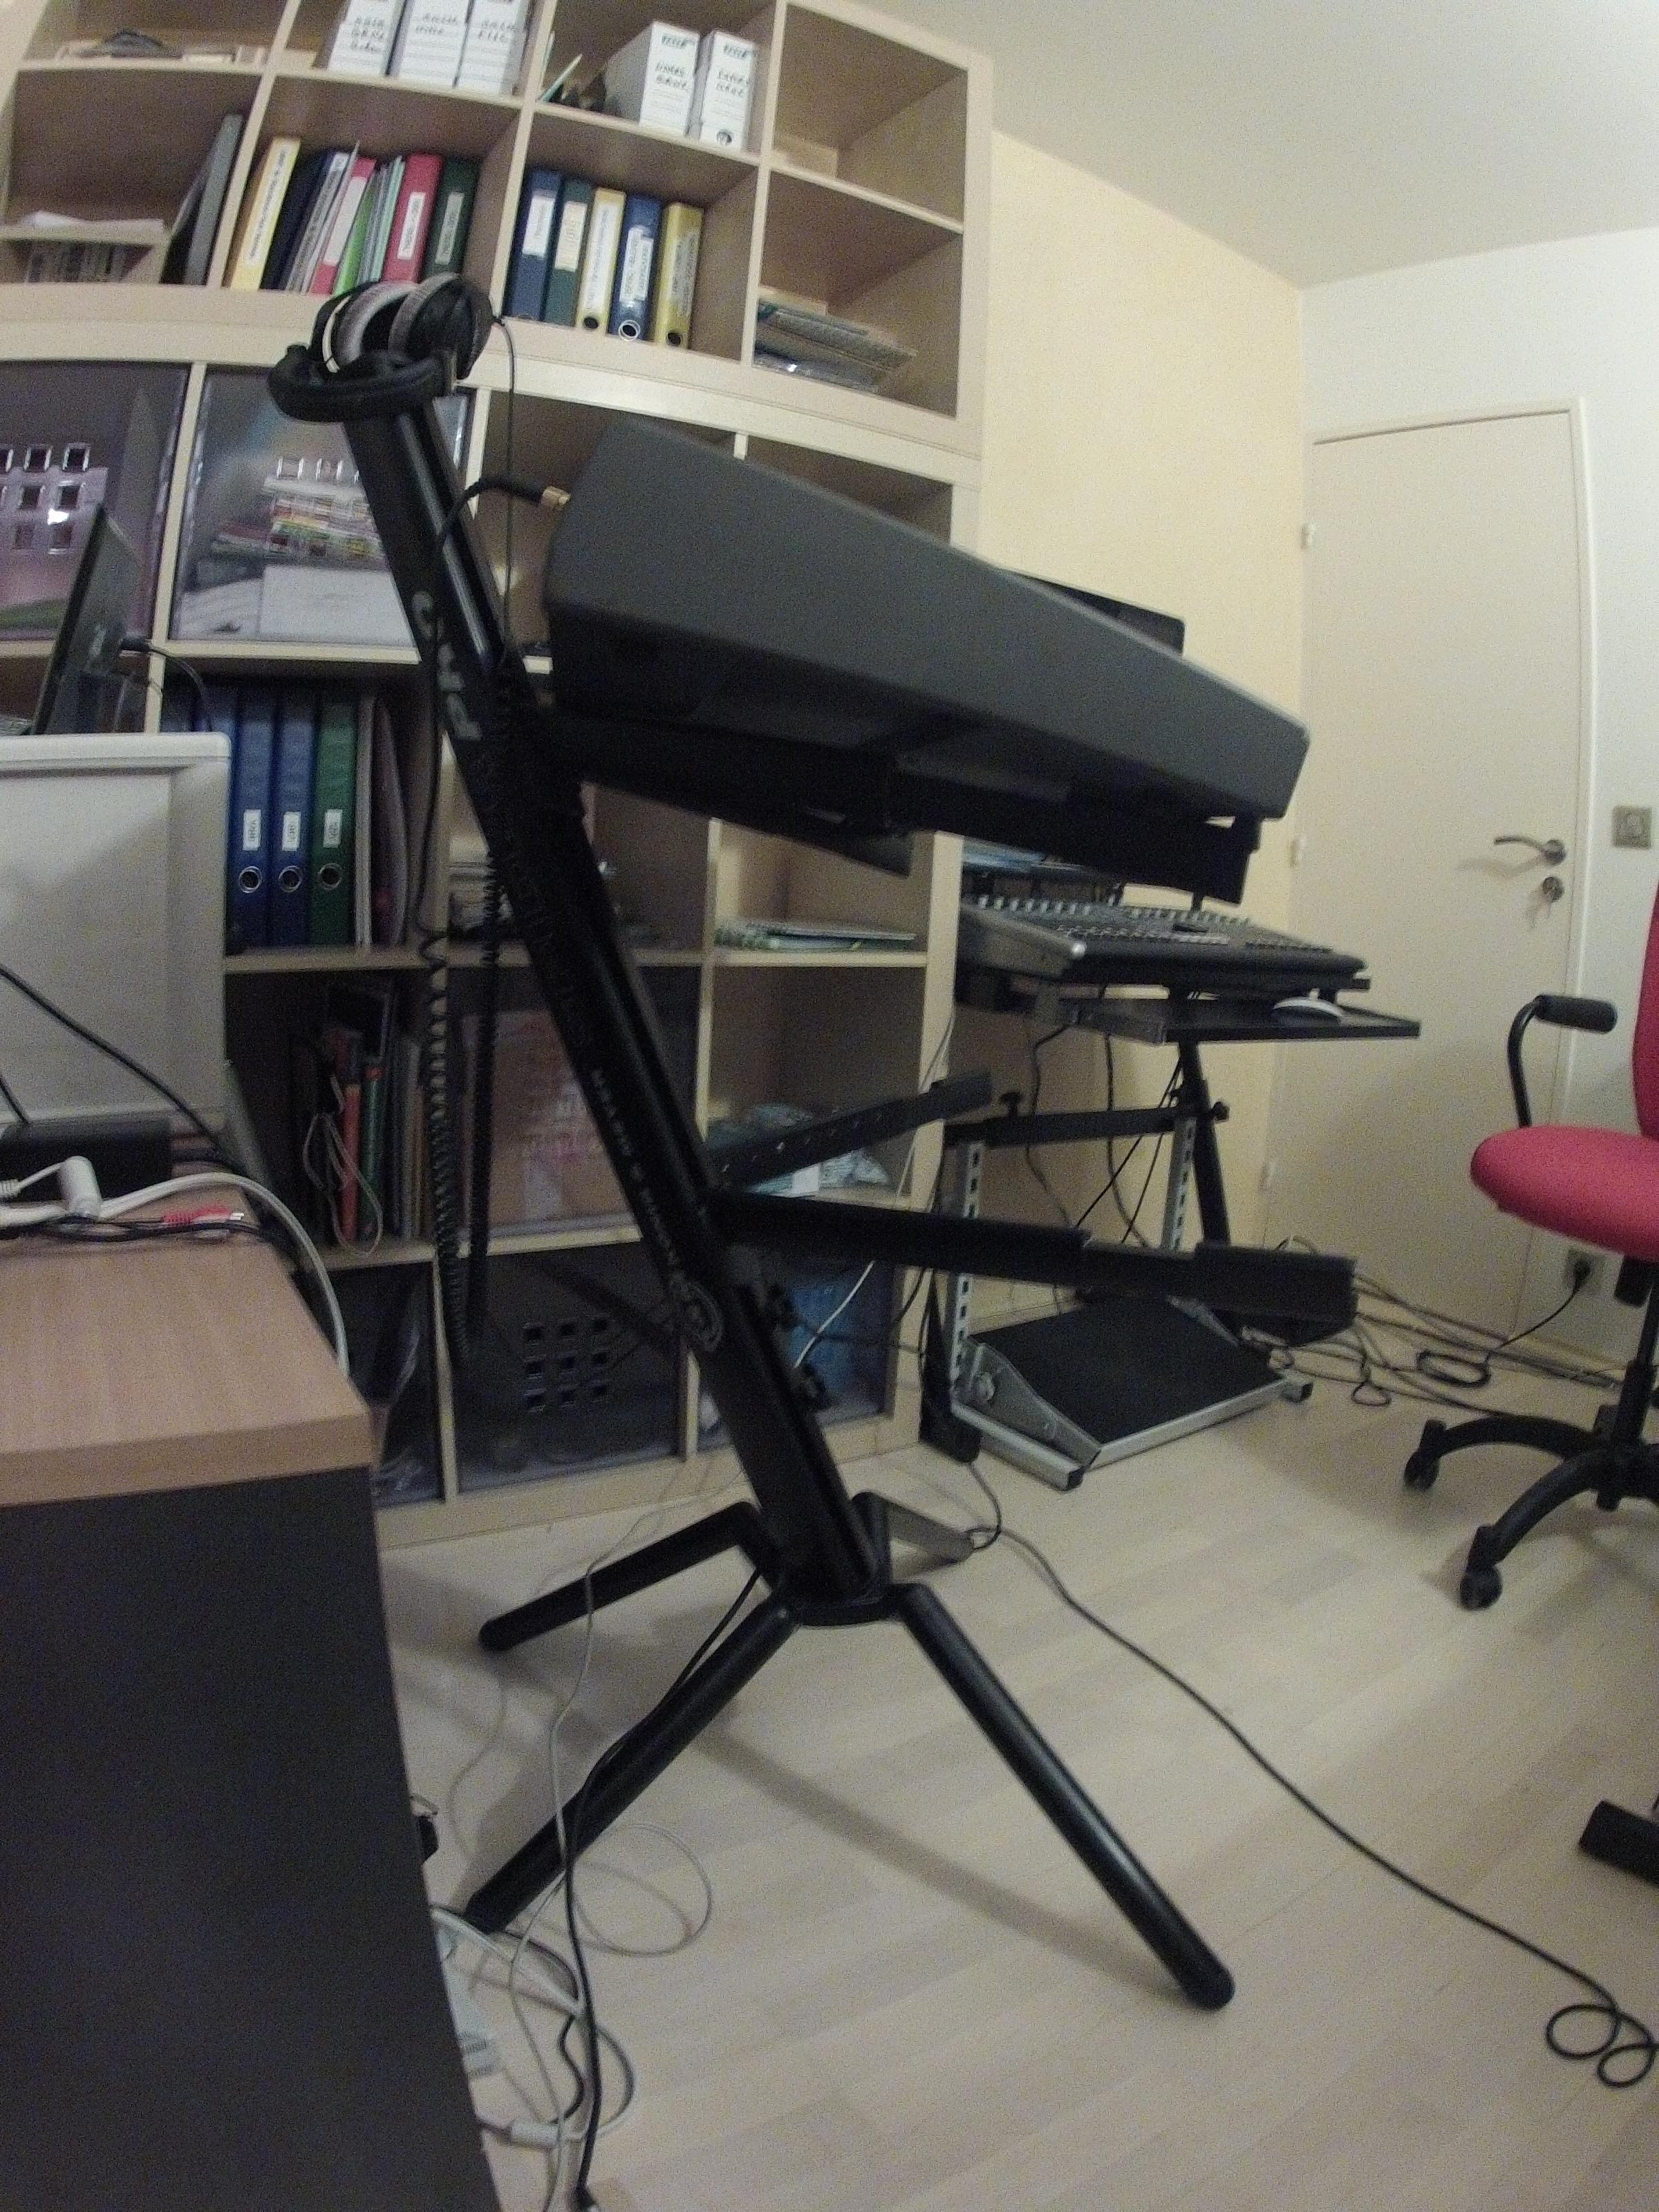 K 246 Nig Amp Meyer 18860 Spider Pro Black Image 478567